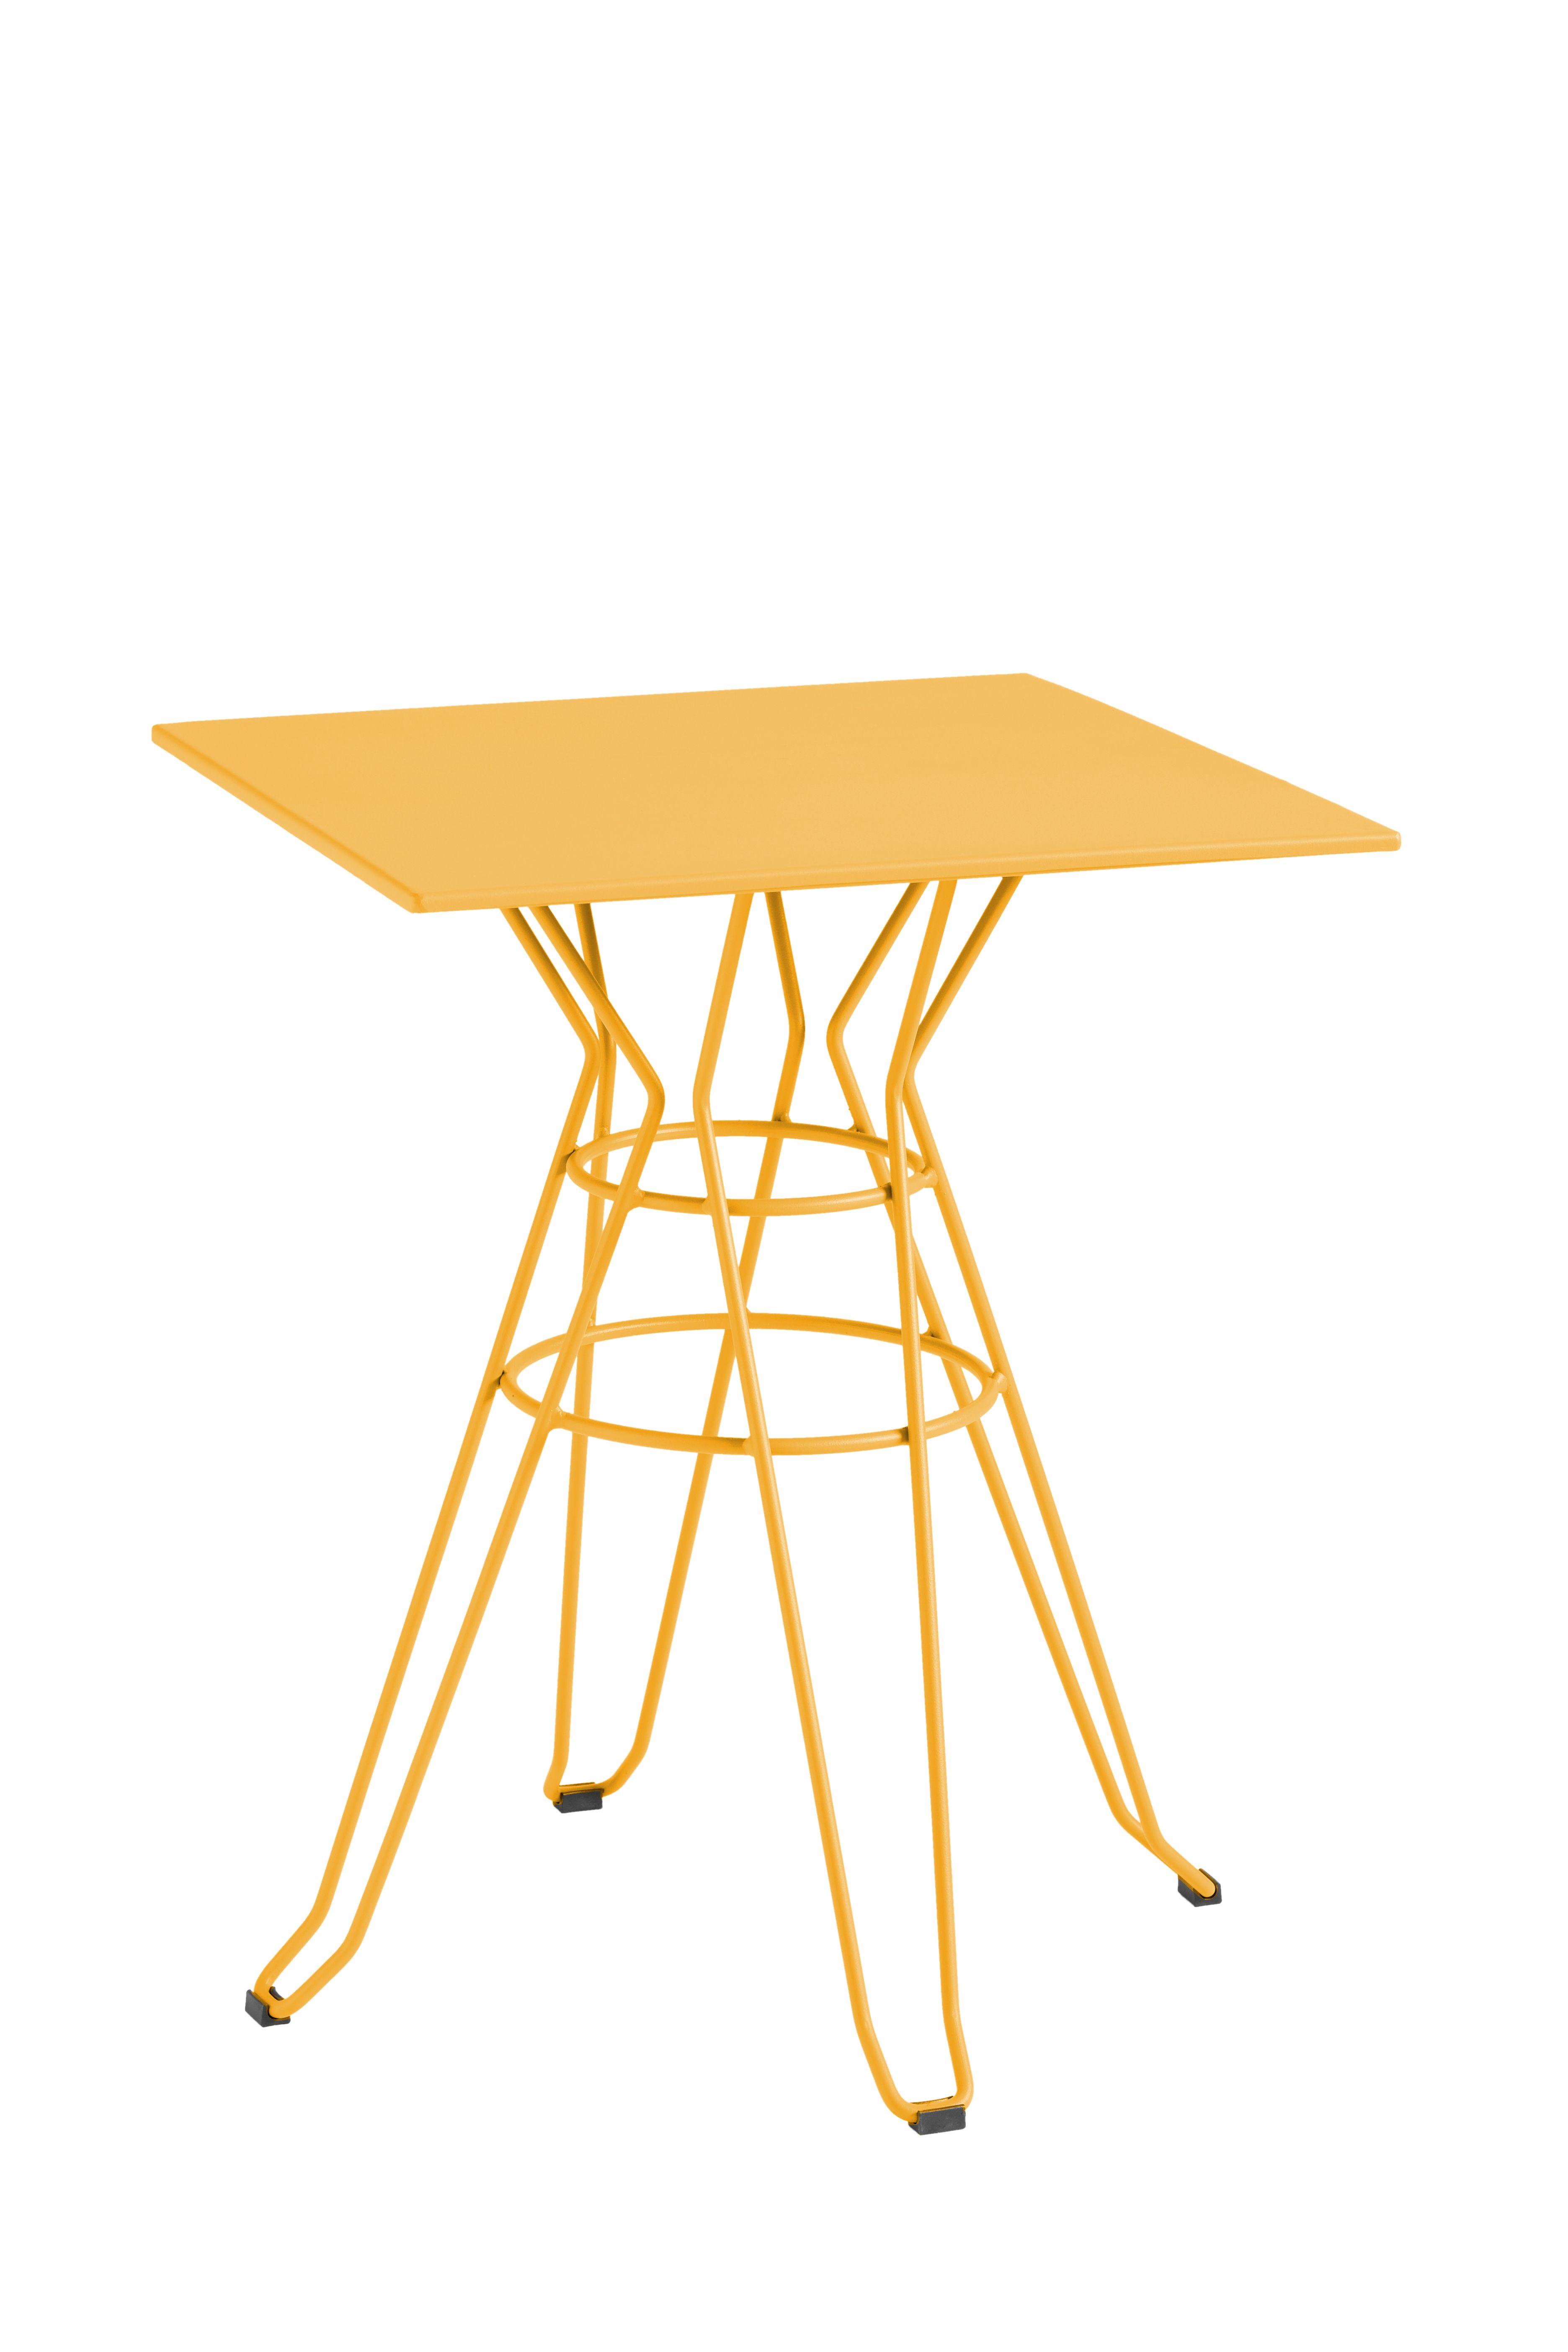 mesa CAPRI table   Colecciones iSimar   Pinterest